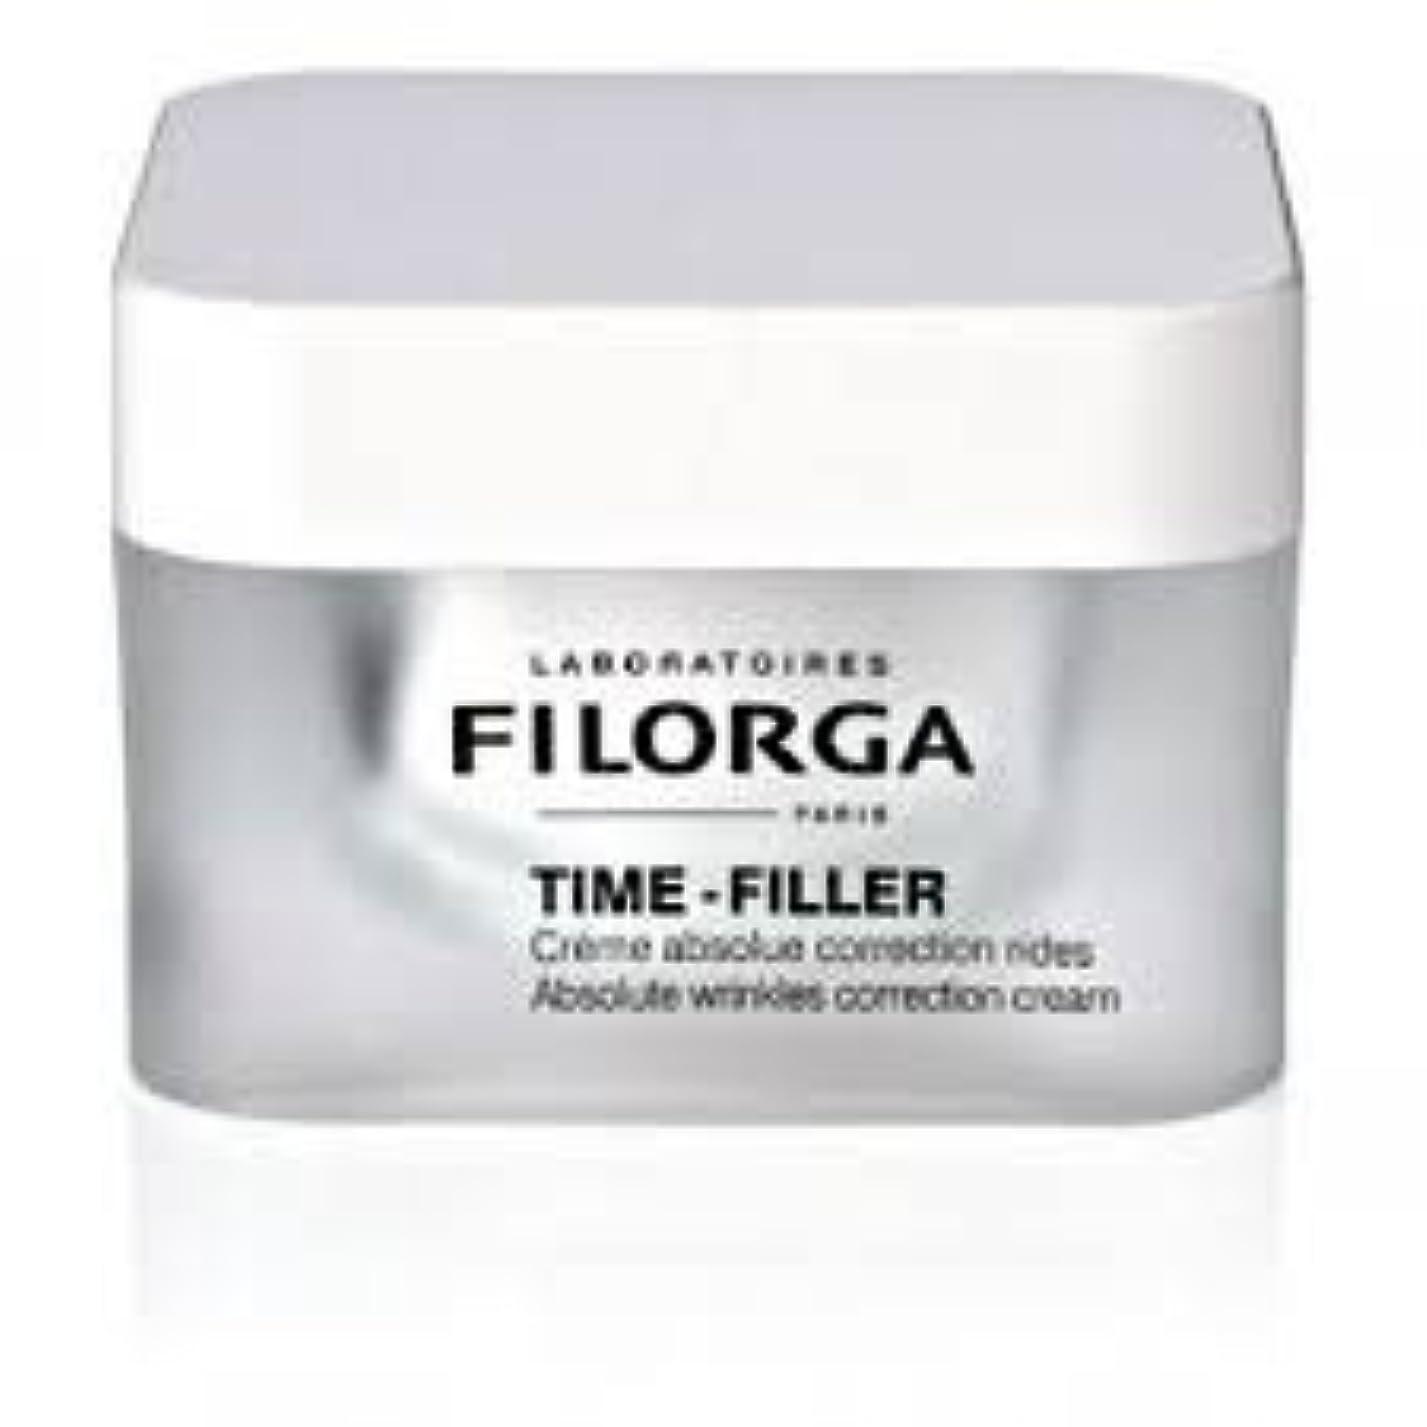 ぐるぐる鉄出席するフィロルガ[FILORGA]タイム フィラー 50ML TIME FILLER 50ML [海外直送品] [並行輸入品]